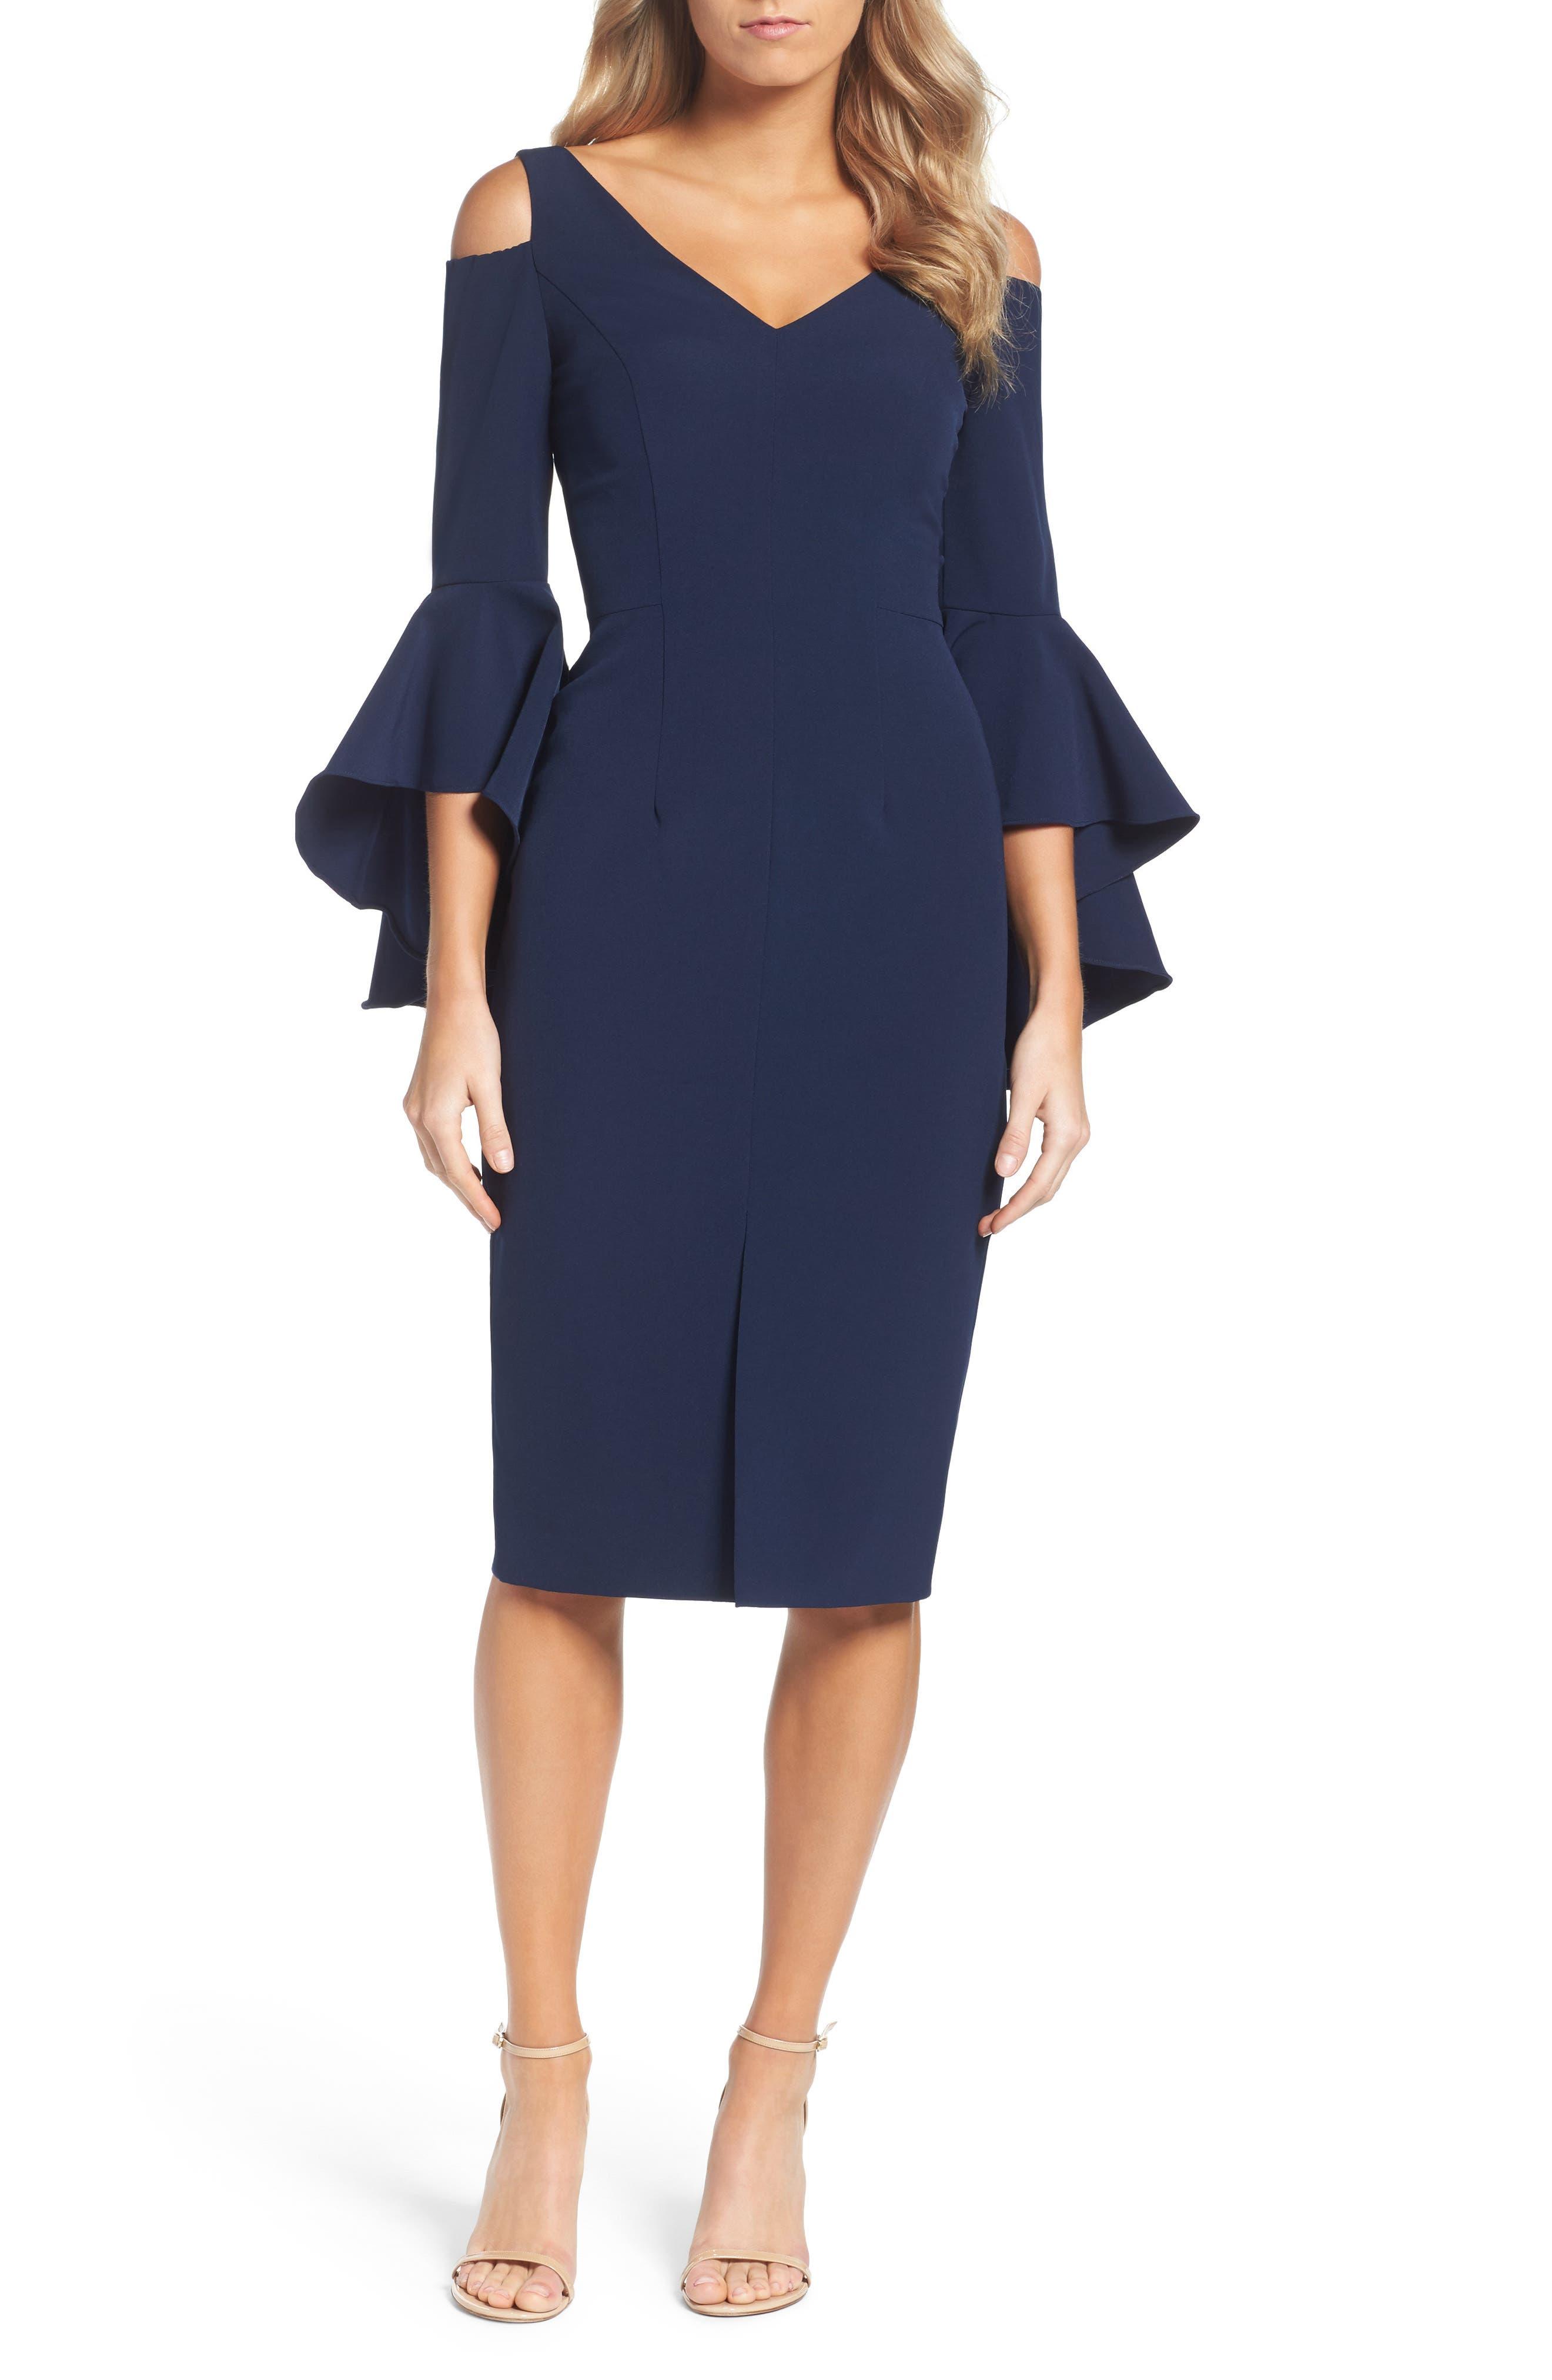 Alternate Image 1 Selected - Maggy London Cold Shoulder Dress (Regular & Petite)